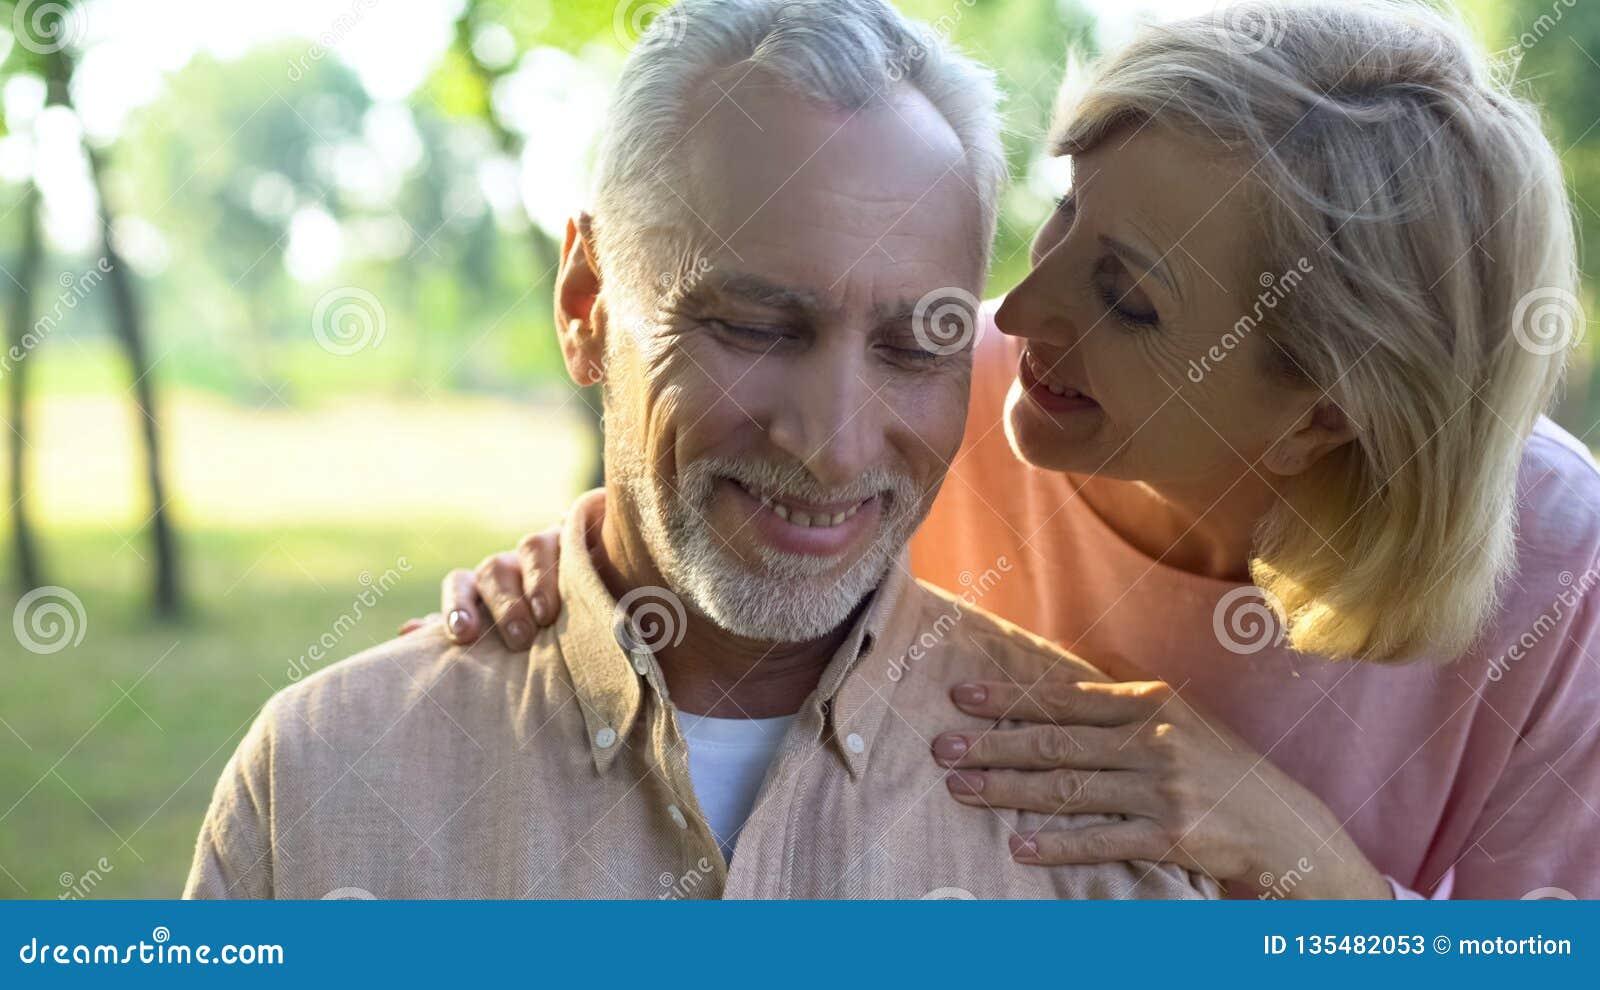 Moglie matura preoccupantesi che flirta con il marito bello in parco, complimento di sussurro